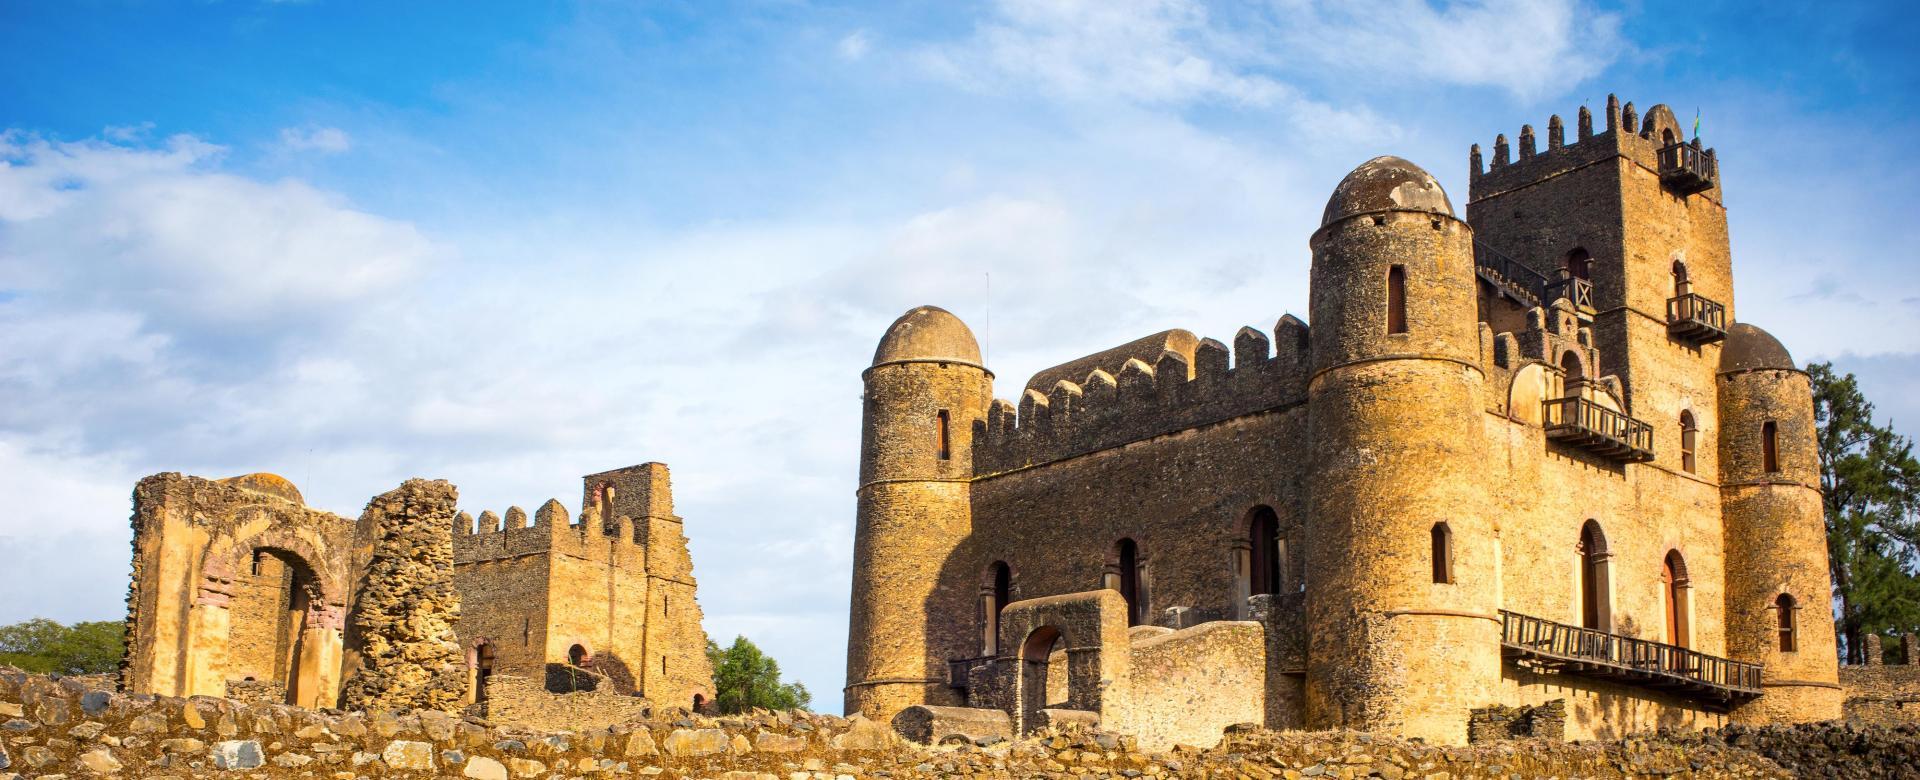 Voyage à pied : La route historique d'abyssinie